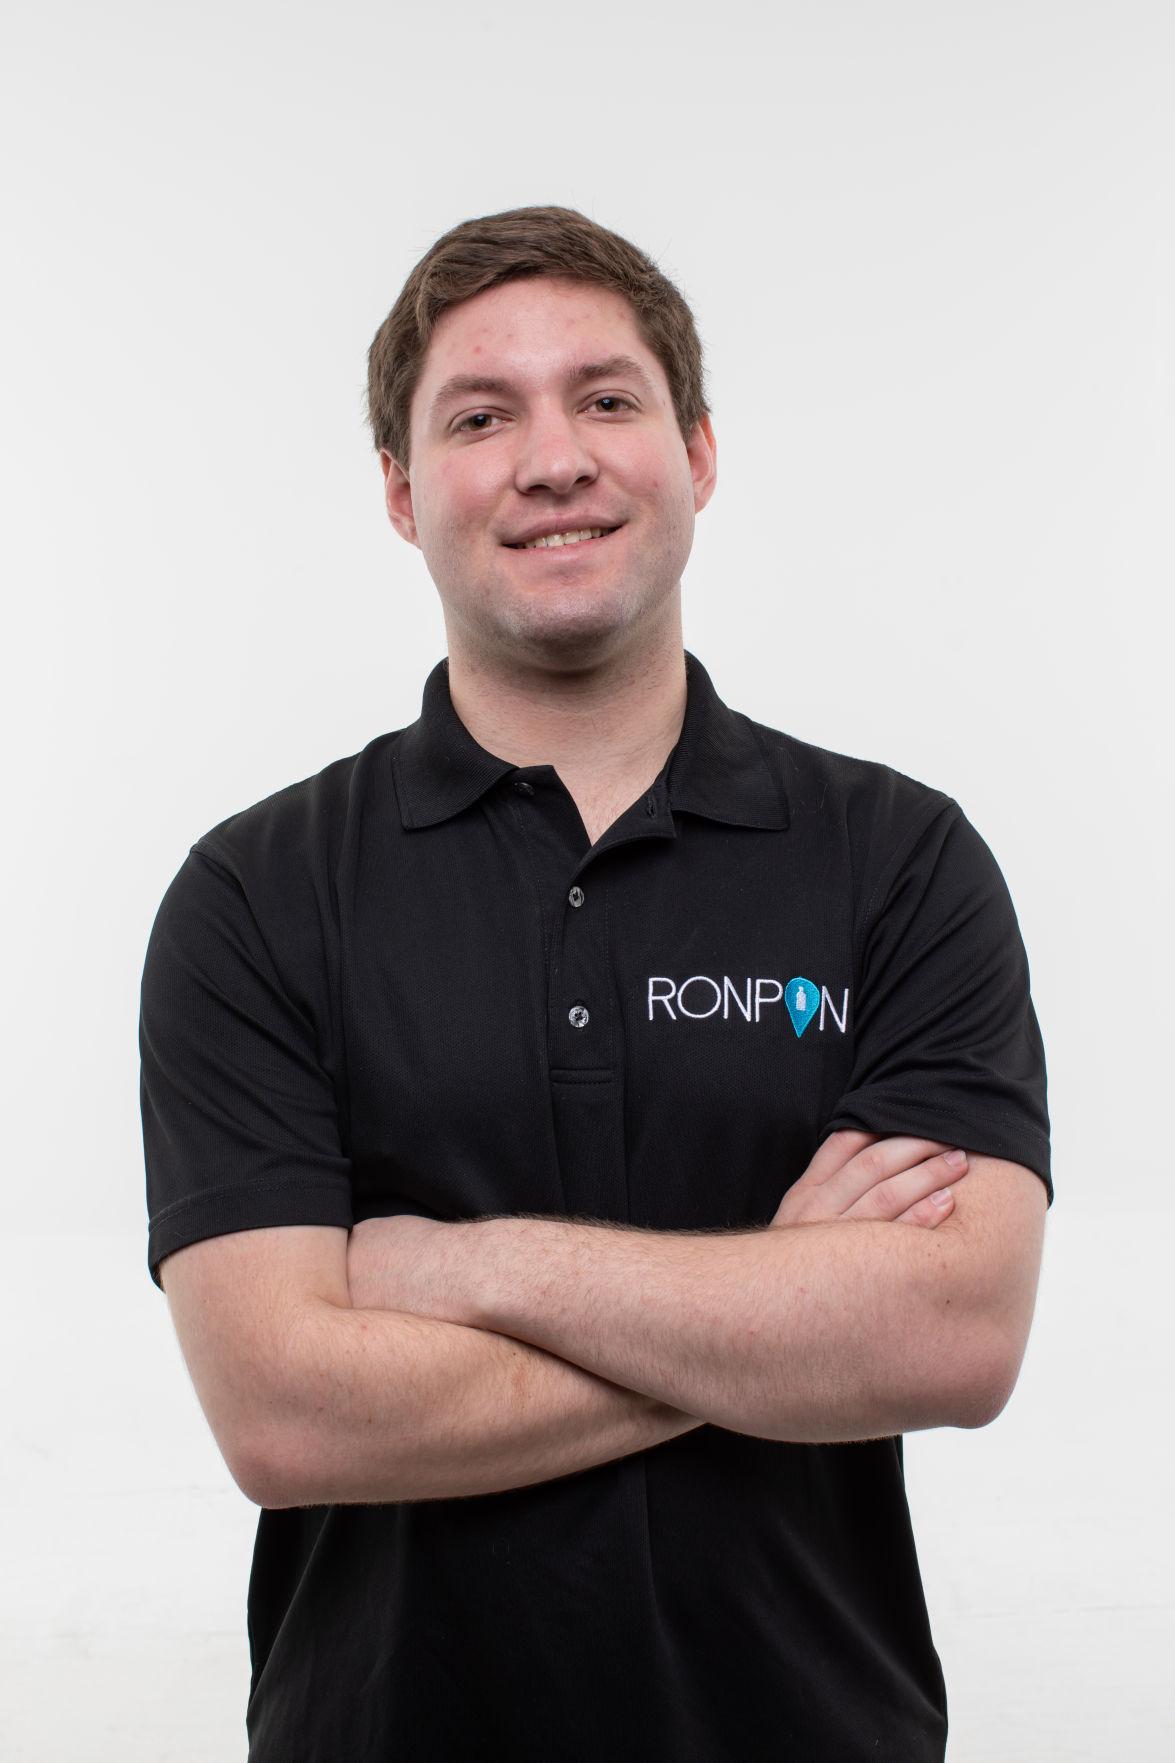 Ron Pon 2